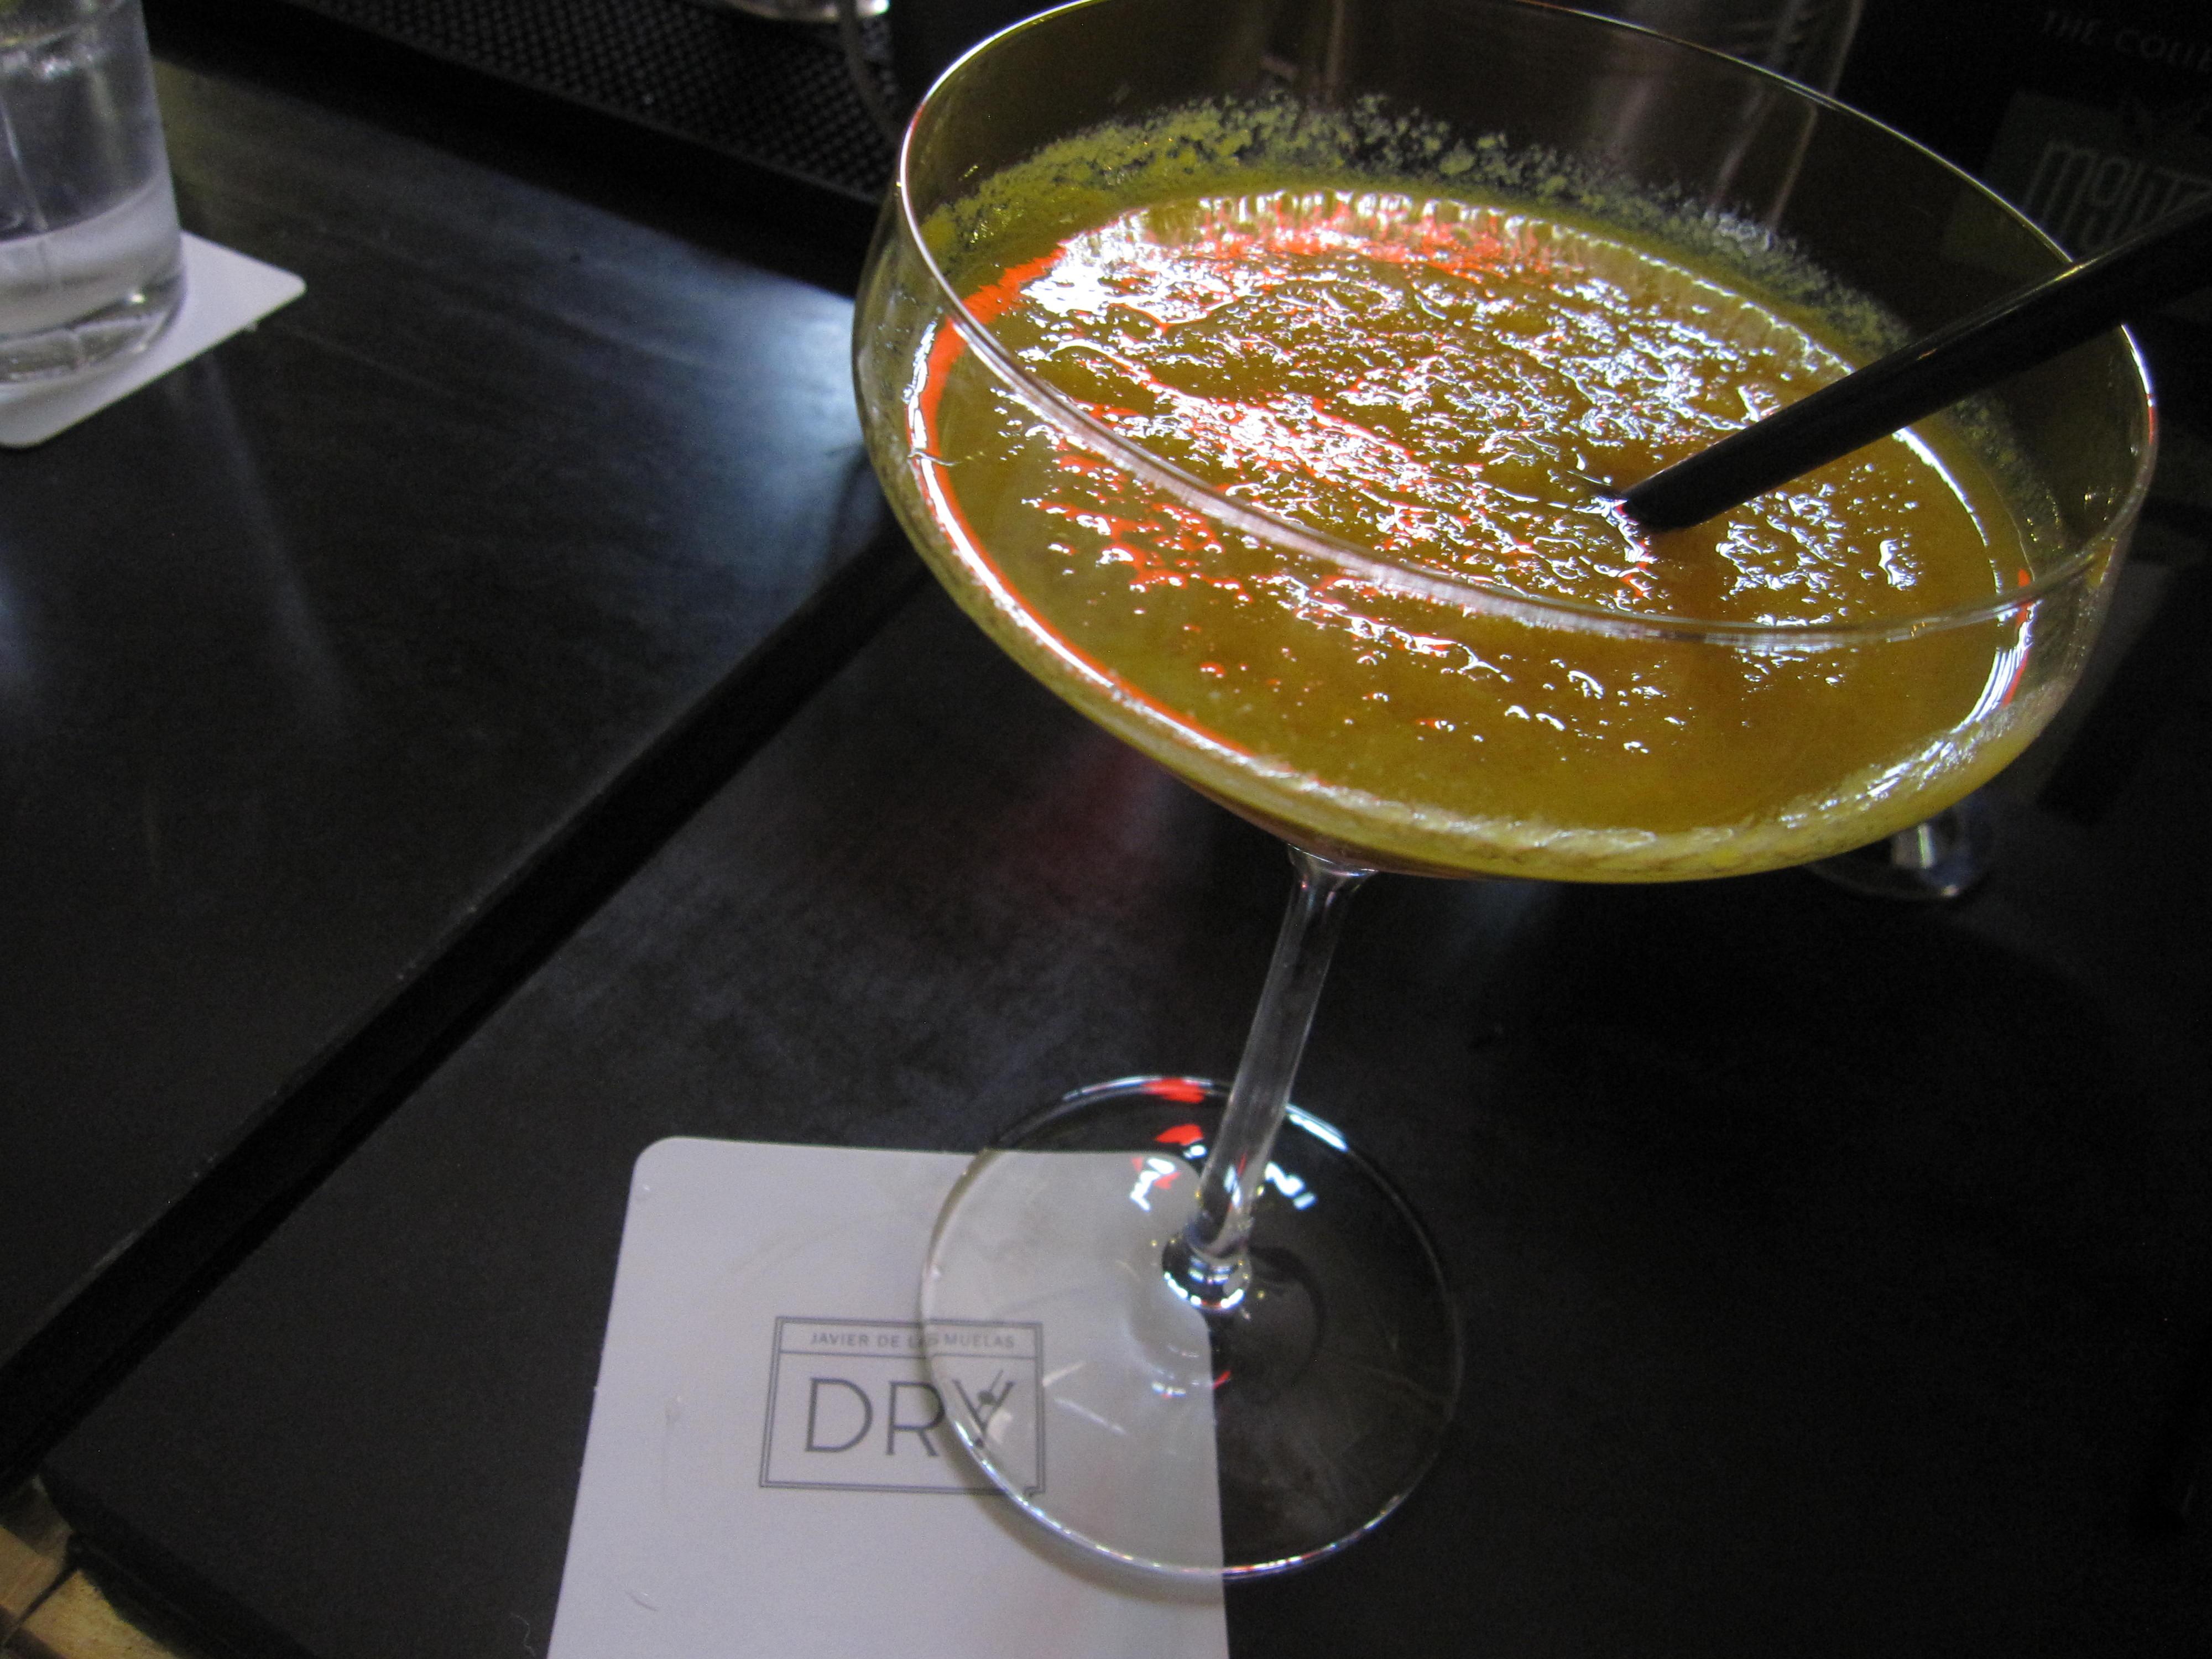 Night Cap at Dry Bar in our hotel, Gran Melia Felix